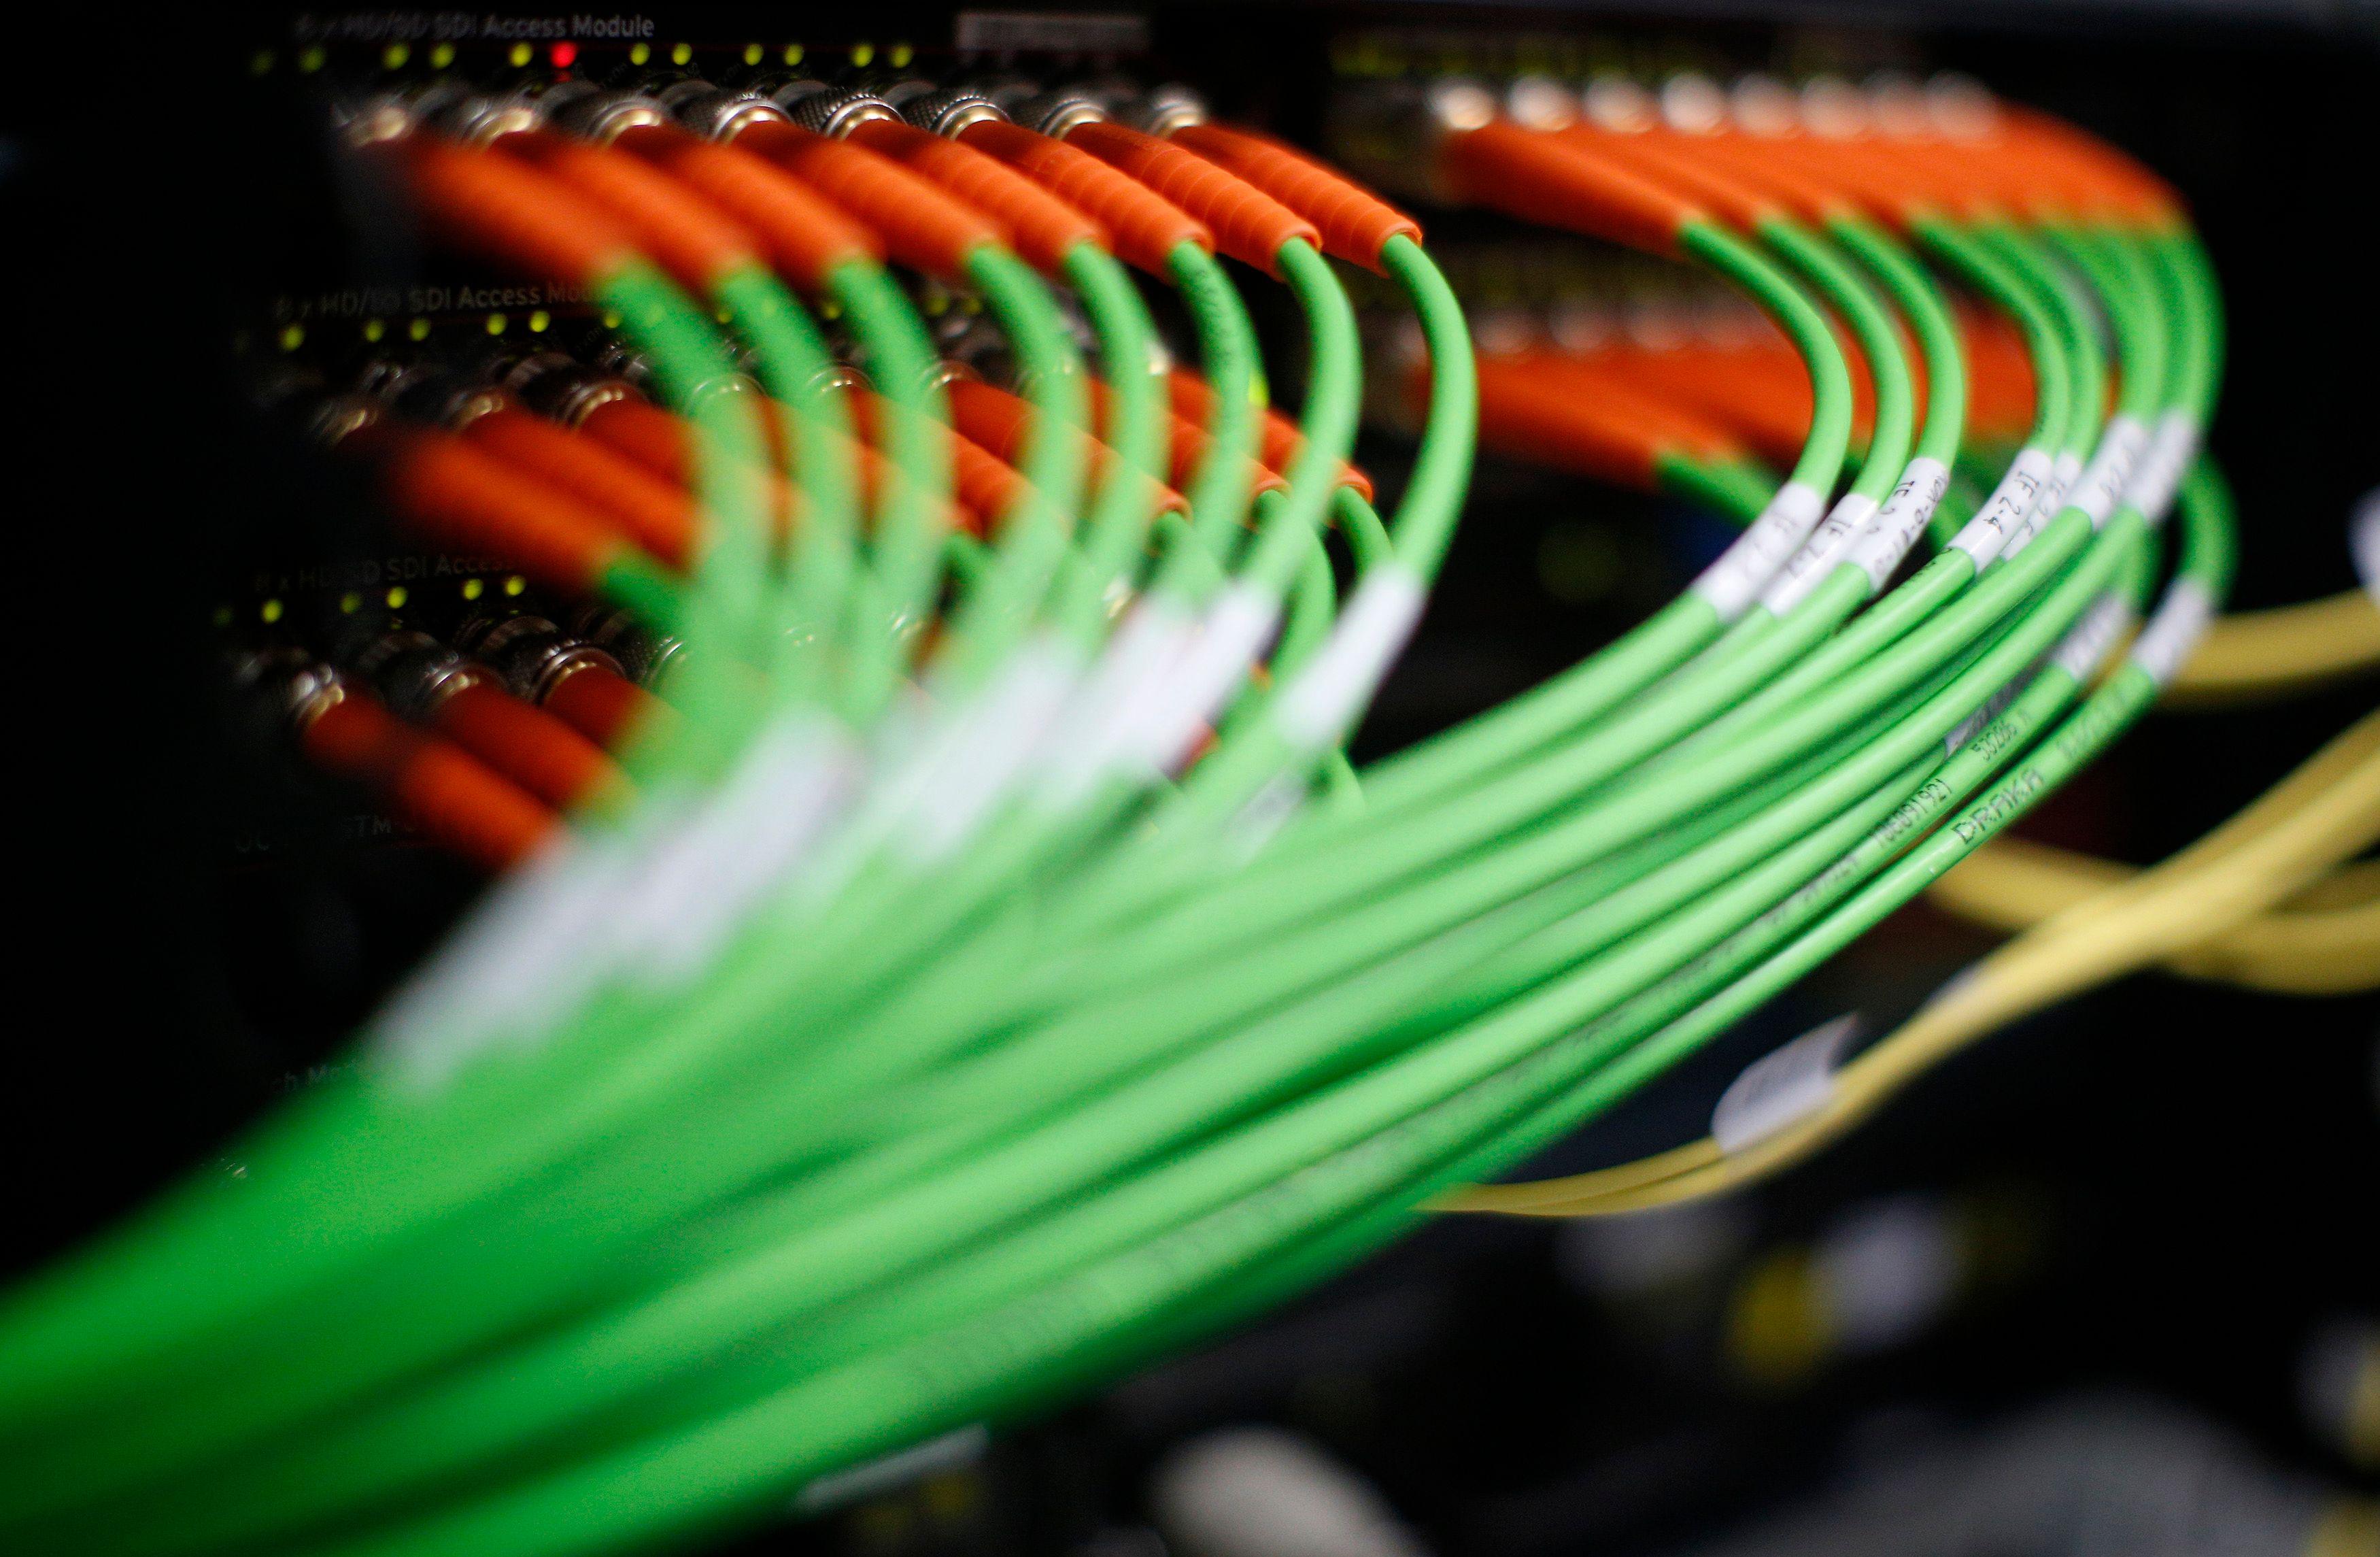 Les États-Unis menacent-ils la neutralité du Net ?